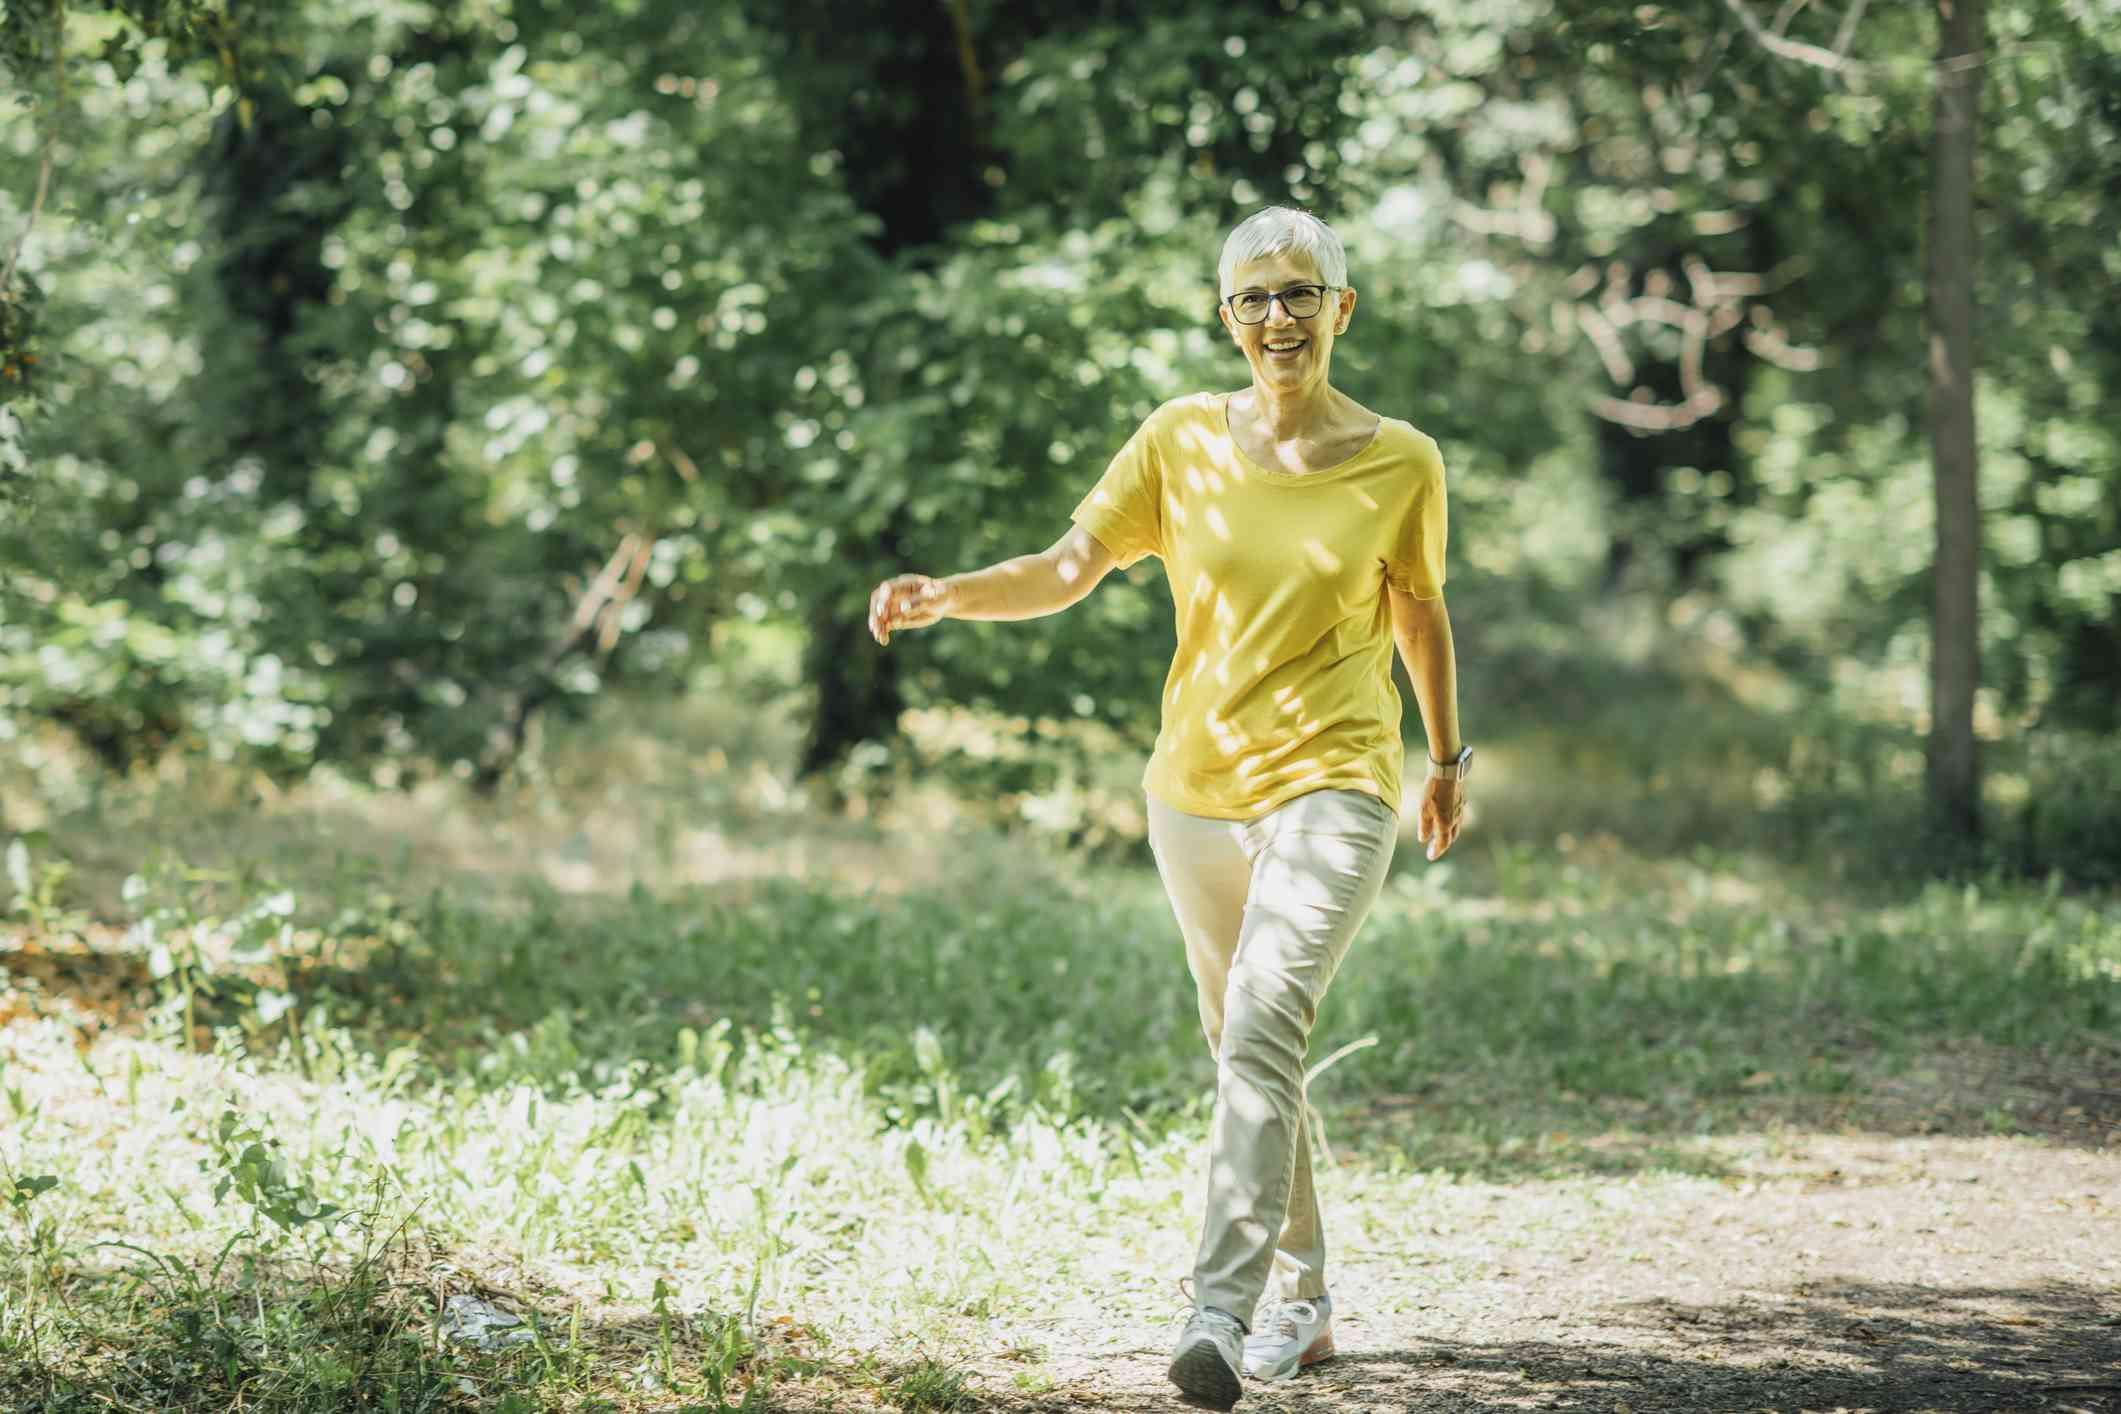 Walking in menopause